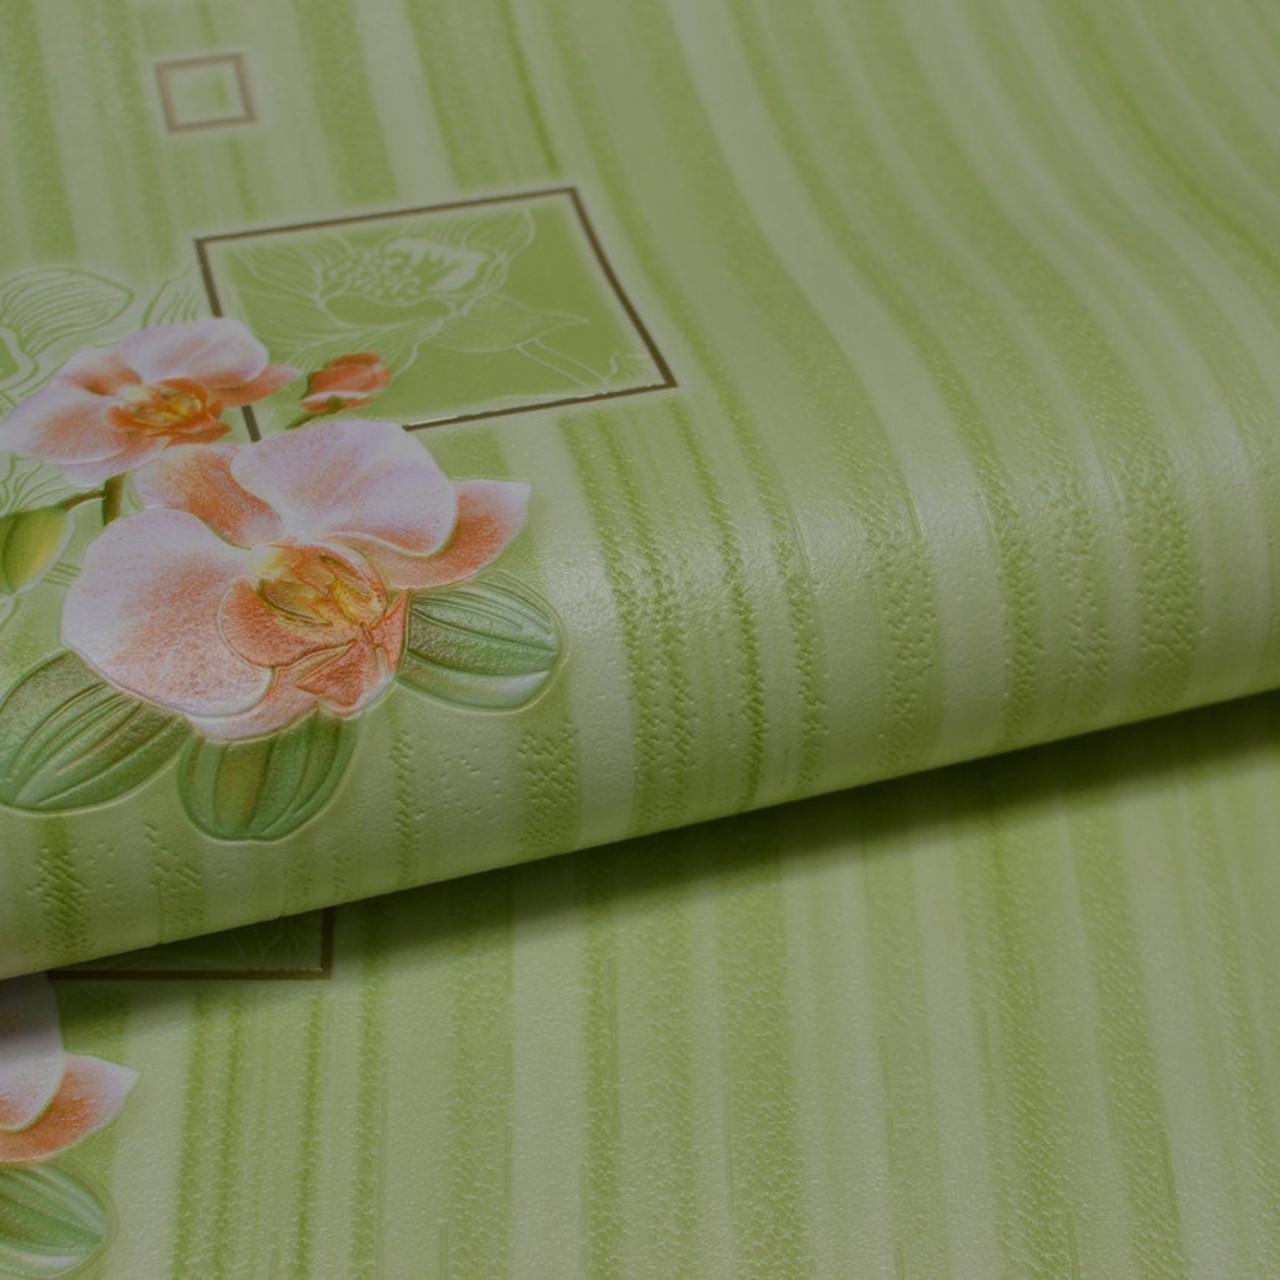 Обои, на стену, цветы, зеленые, виниловые, B49.4 Палома C867-04,супер-мойка, 0,53*10м, ограниченное количество